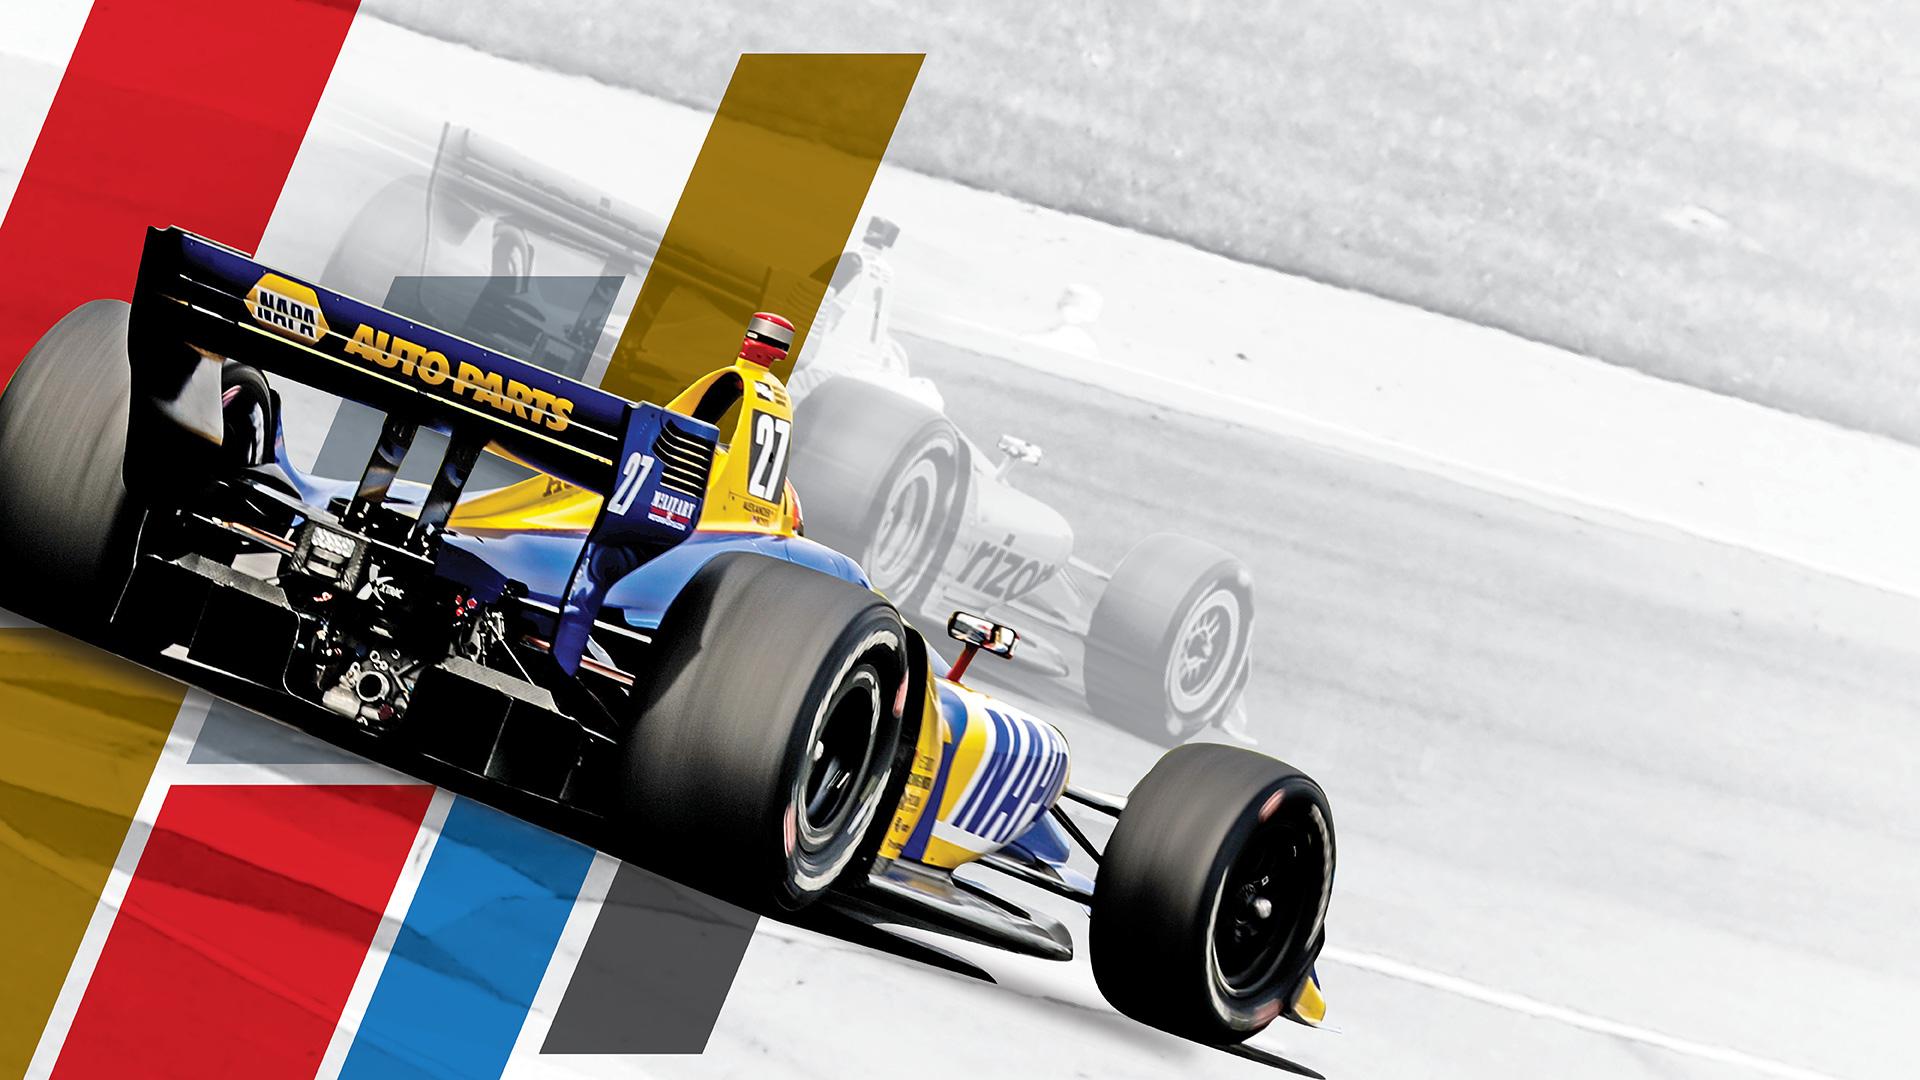 INDYCAR Grand Prix 1920x1080